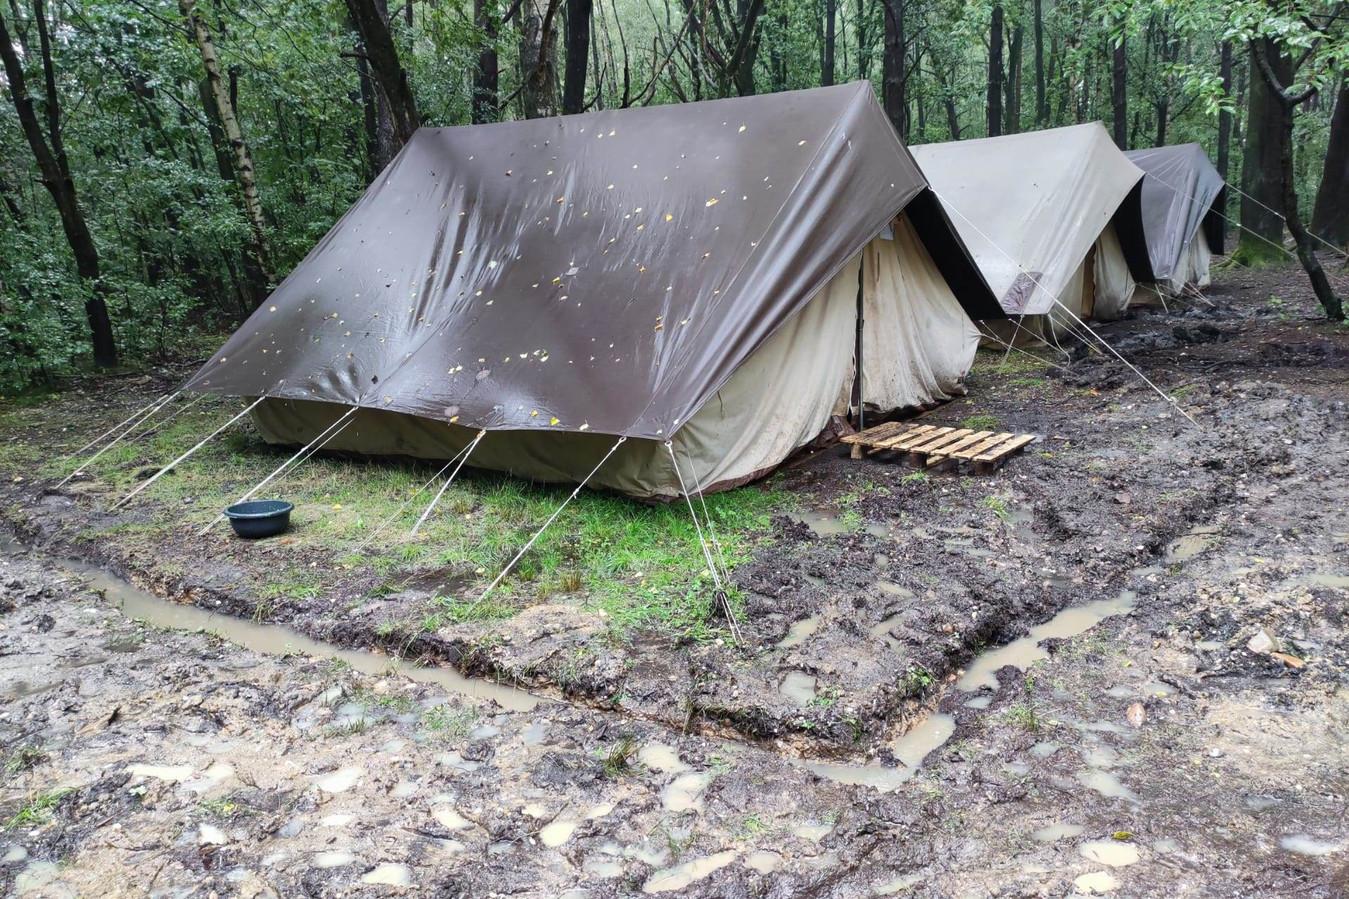 Het kampterrein van KSA Lede in het Limburse Zutendaal kreeg dinsdag een wolkbreuk te verwerken.